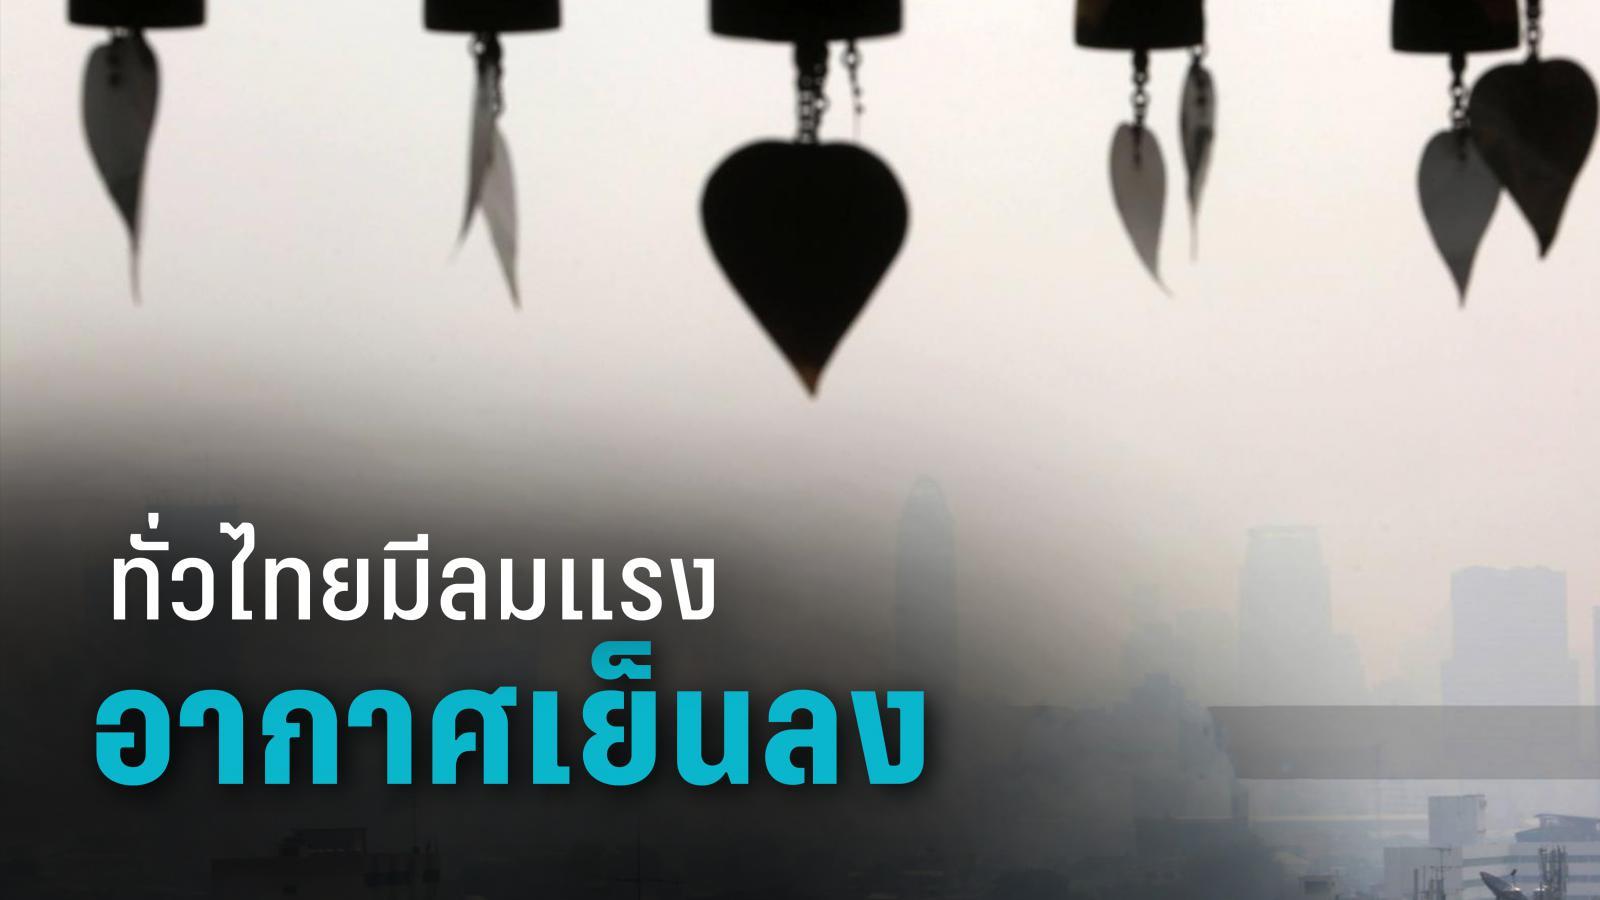 อุตุฯ เผย ทั่วไทยมีลมแรง – อากาศเย็นลง